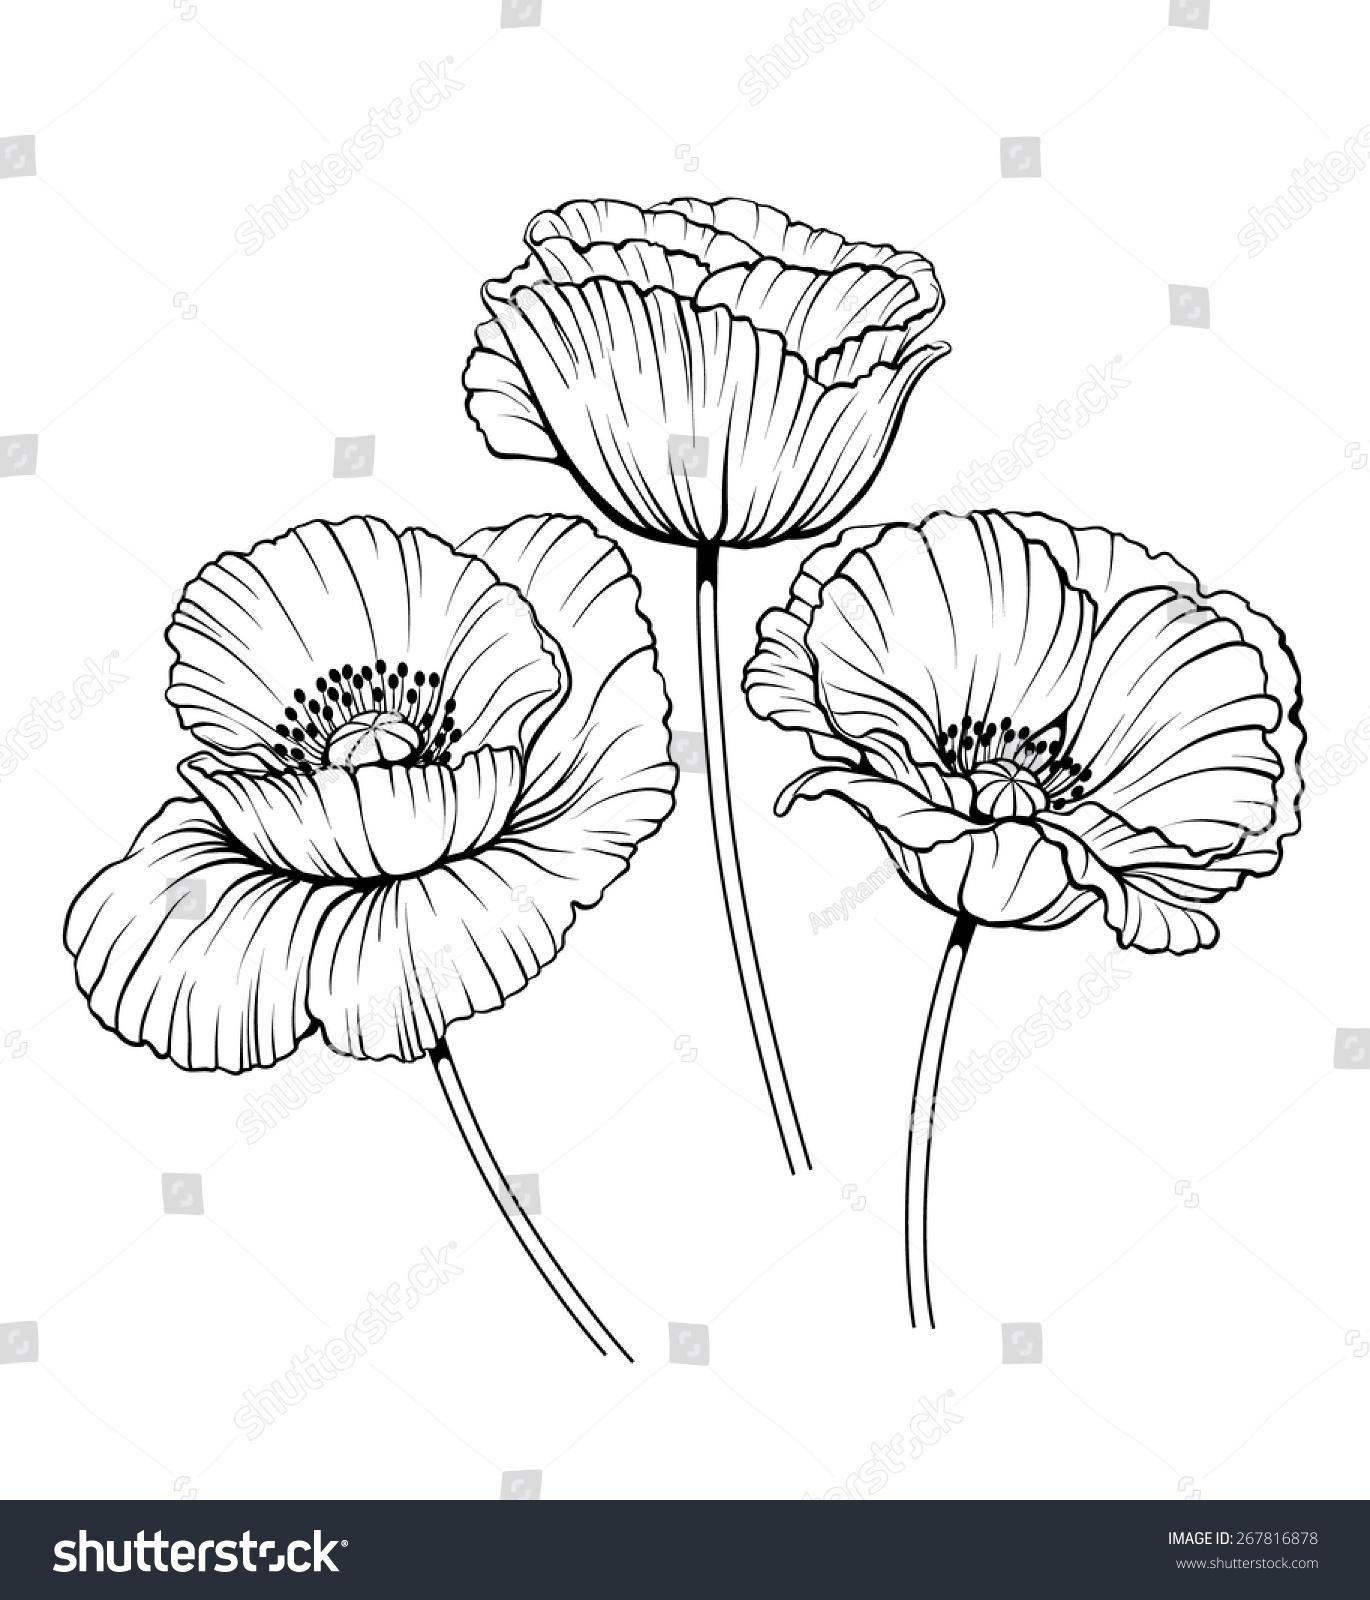 Line Drawing Poppy Flower : Black white illustration poppy flowers stock vector